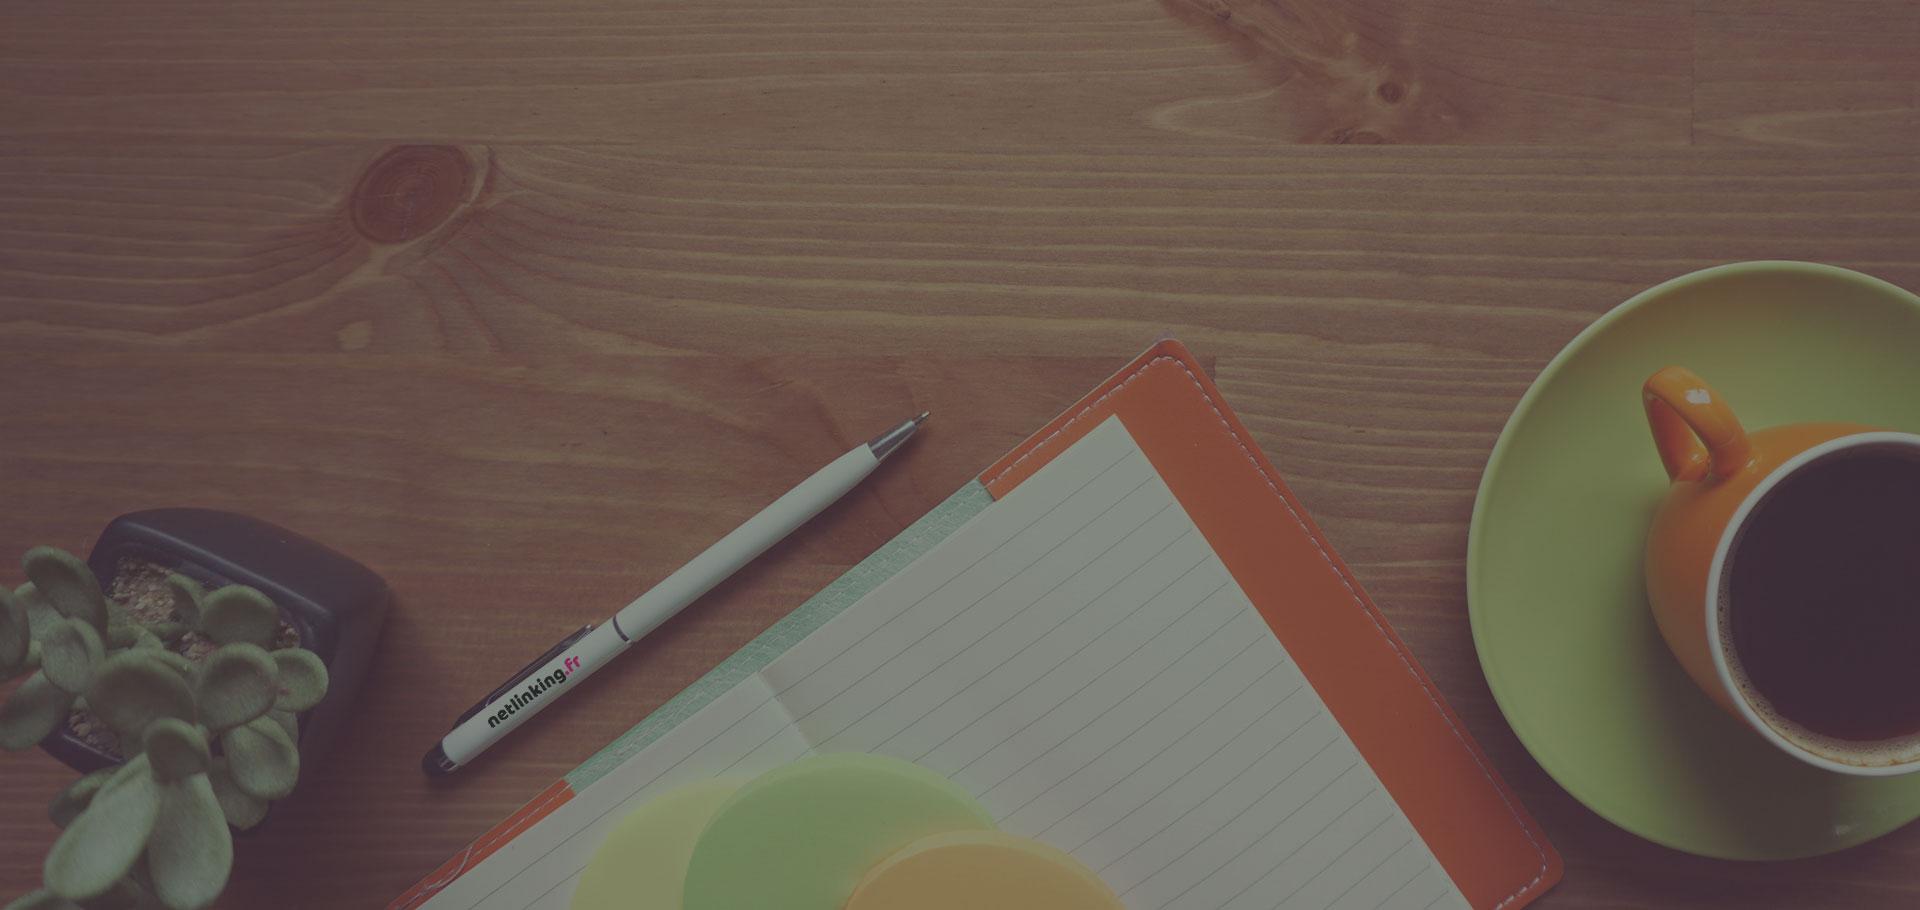 stylo-publicitaire